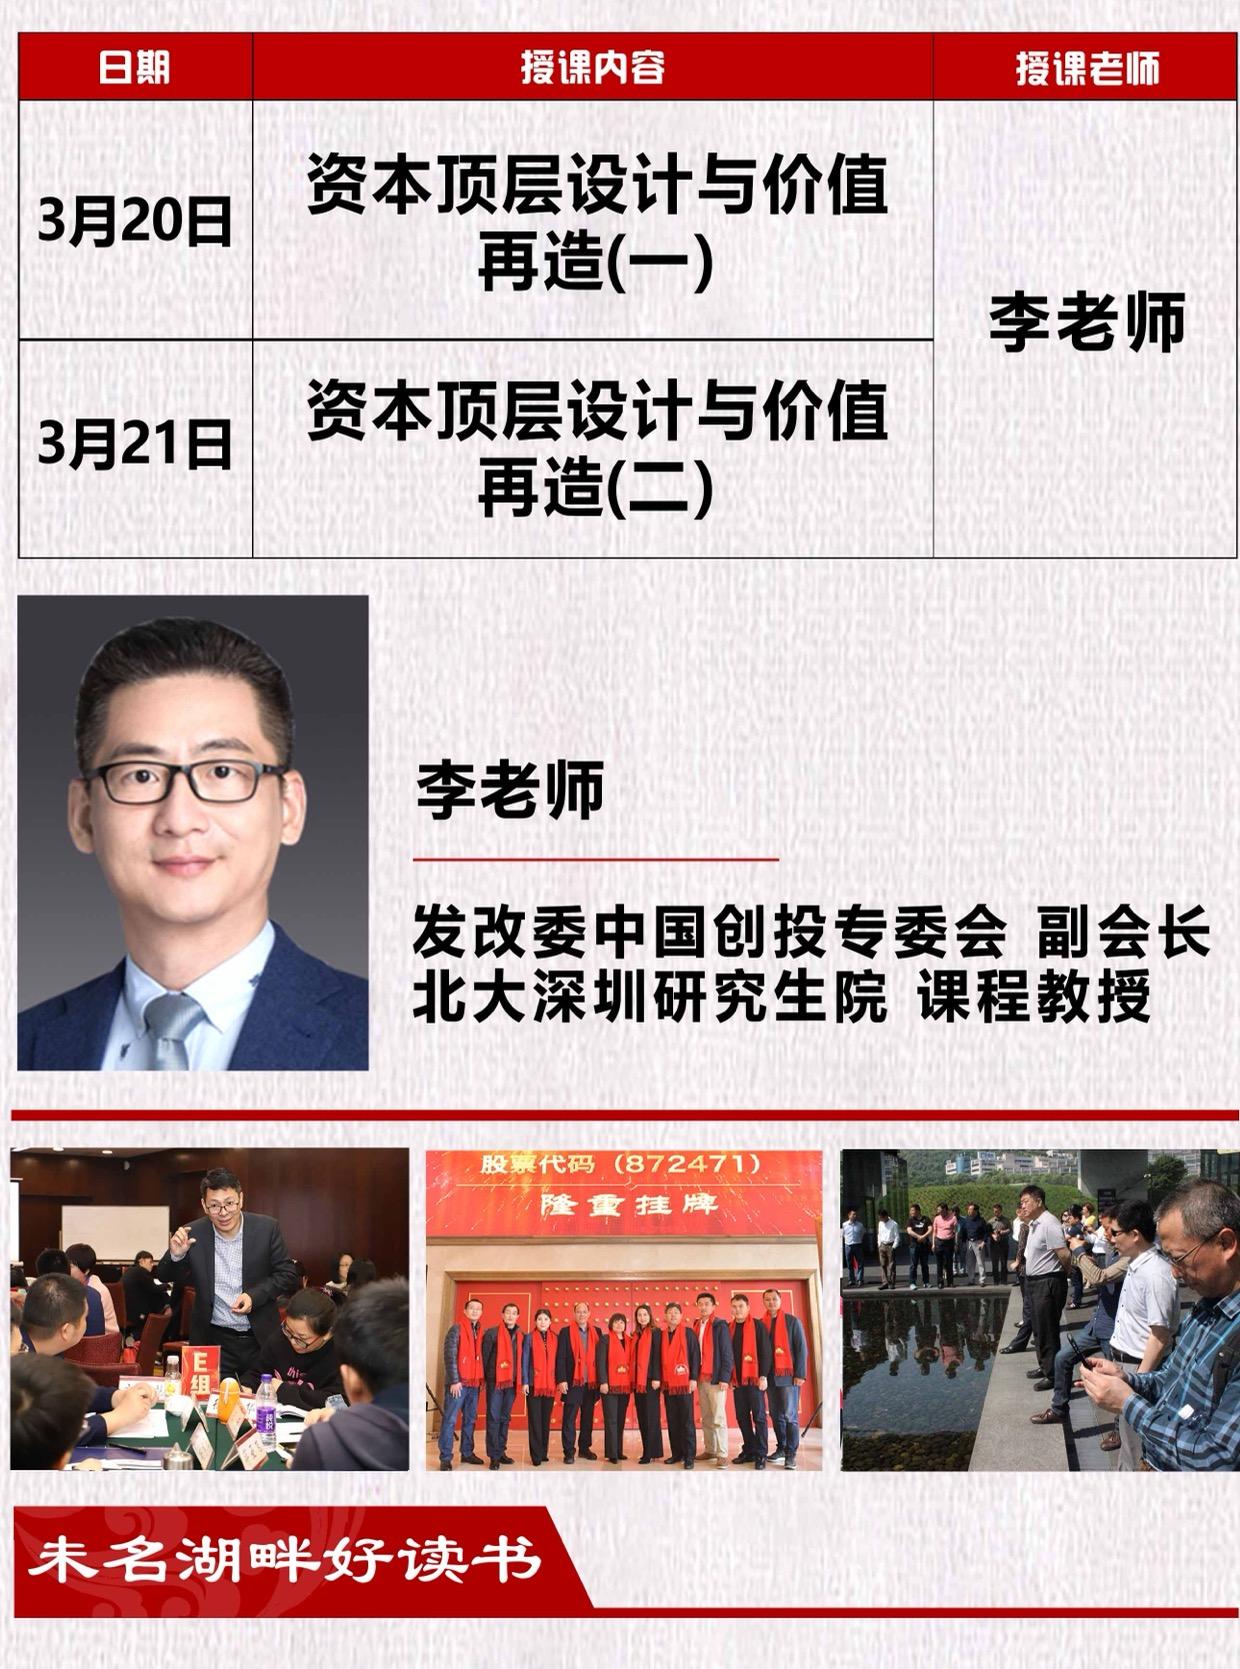 北丰商学院金融创新emba班年3月开课通知